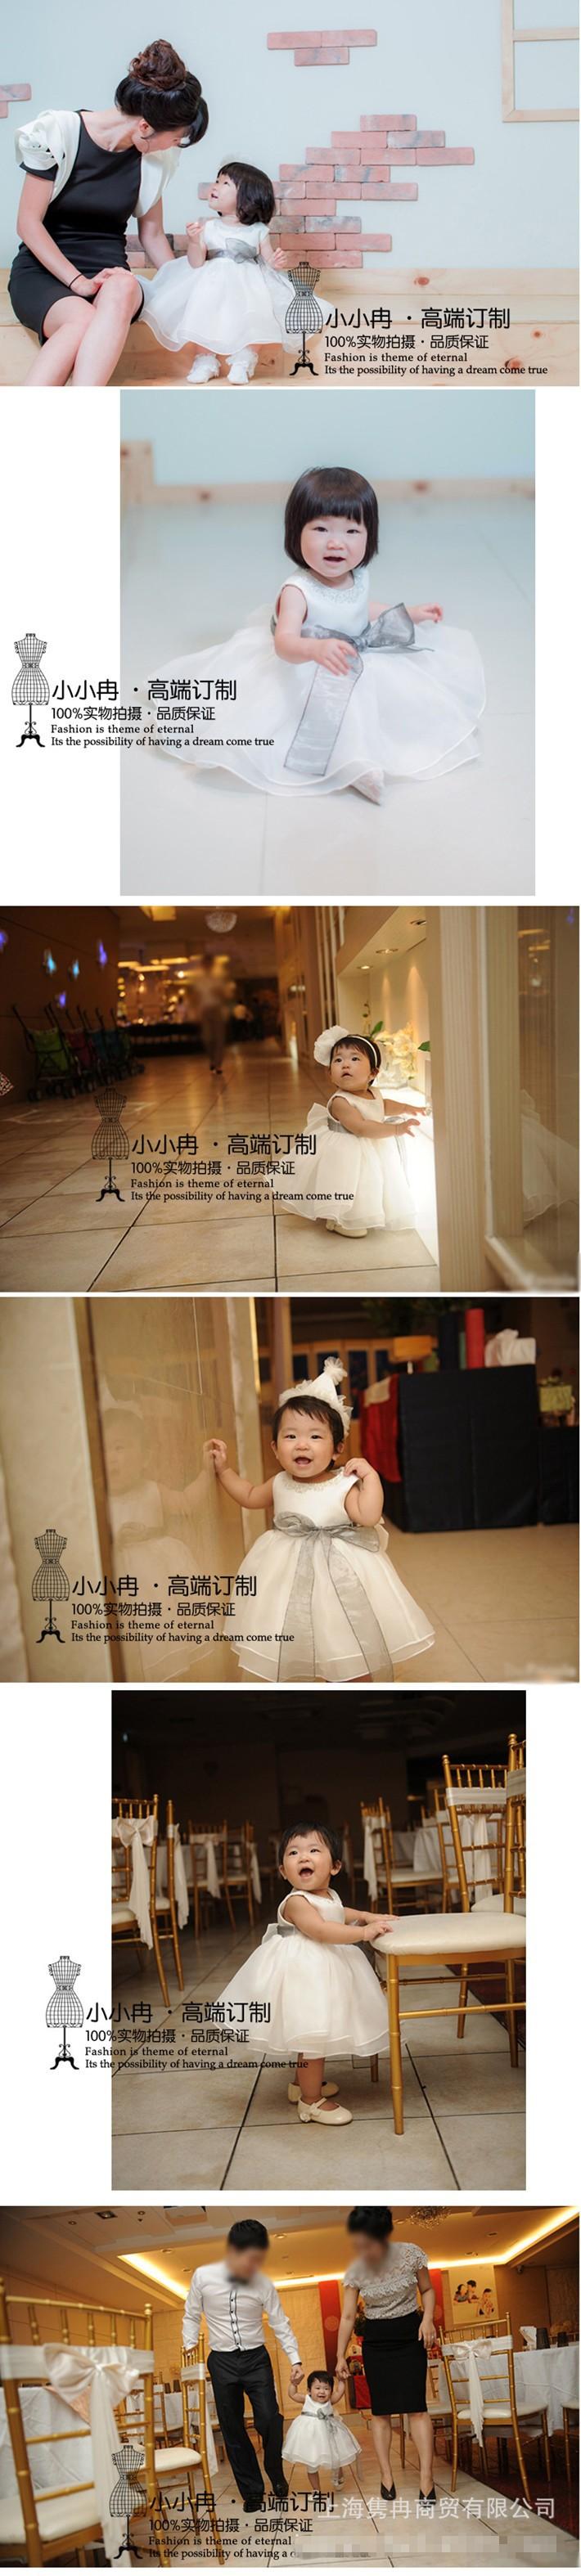 Скидки на ДЕТСКИЕ WOW Вечерние Платья Девочка Платье Vestido Infantil 1 год День Рождения Рождество Свадьба Крещение для Детей 80114